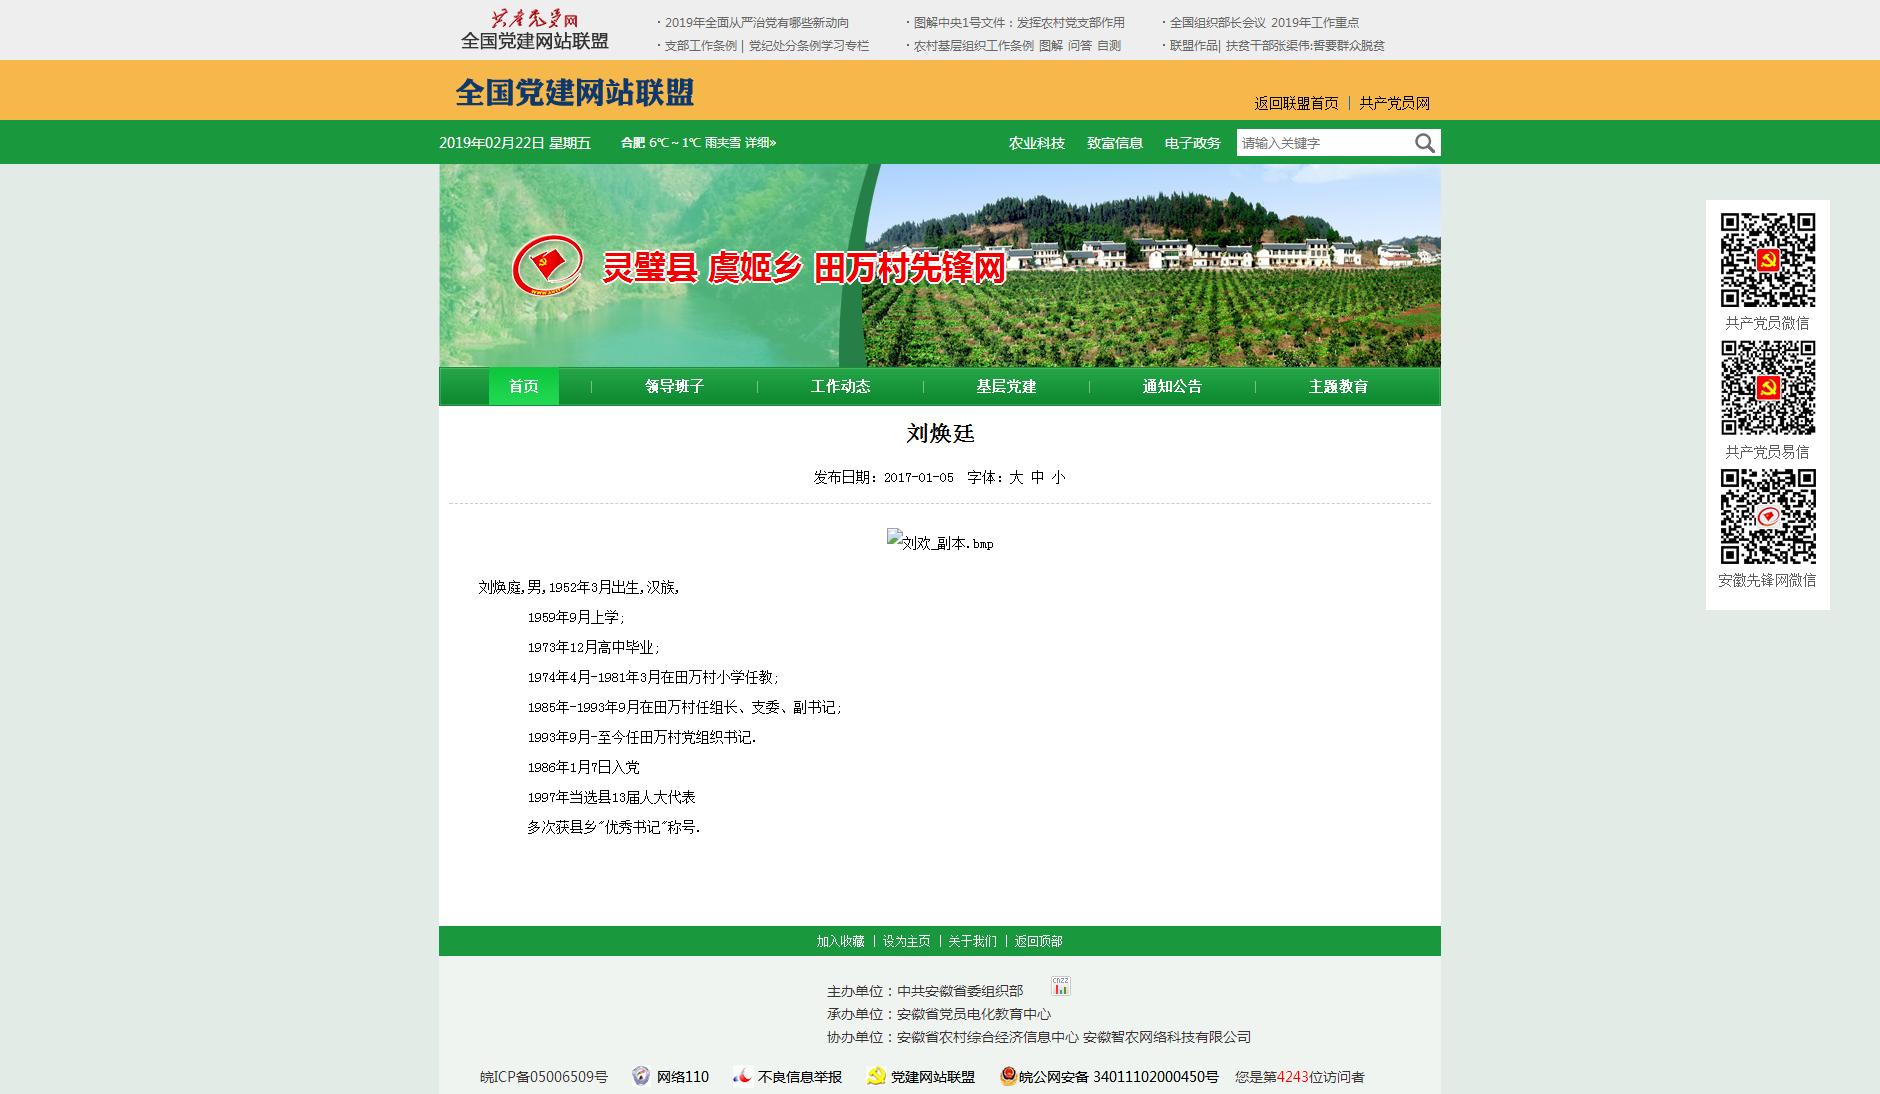 29.虞姬乡 田万村先锋网.png